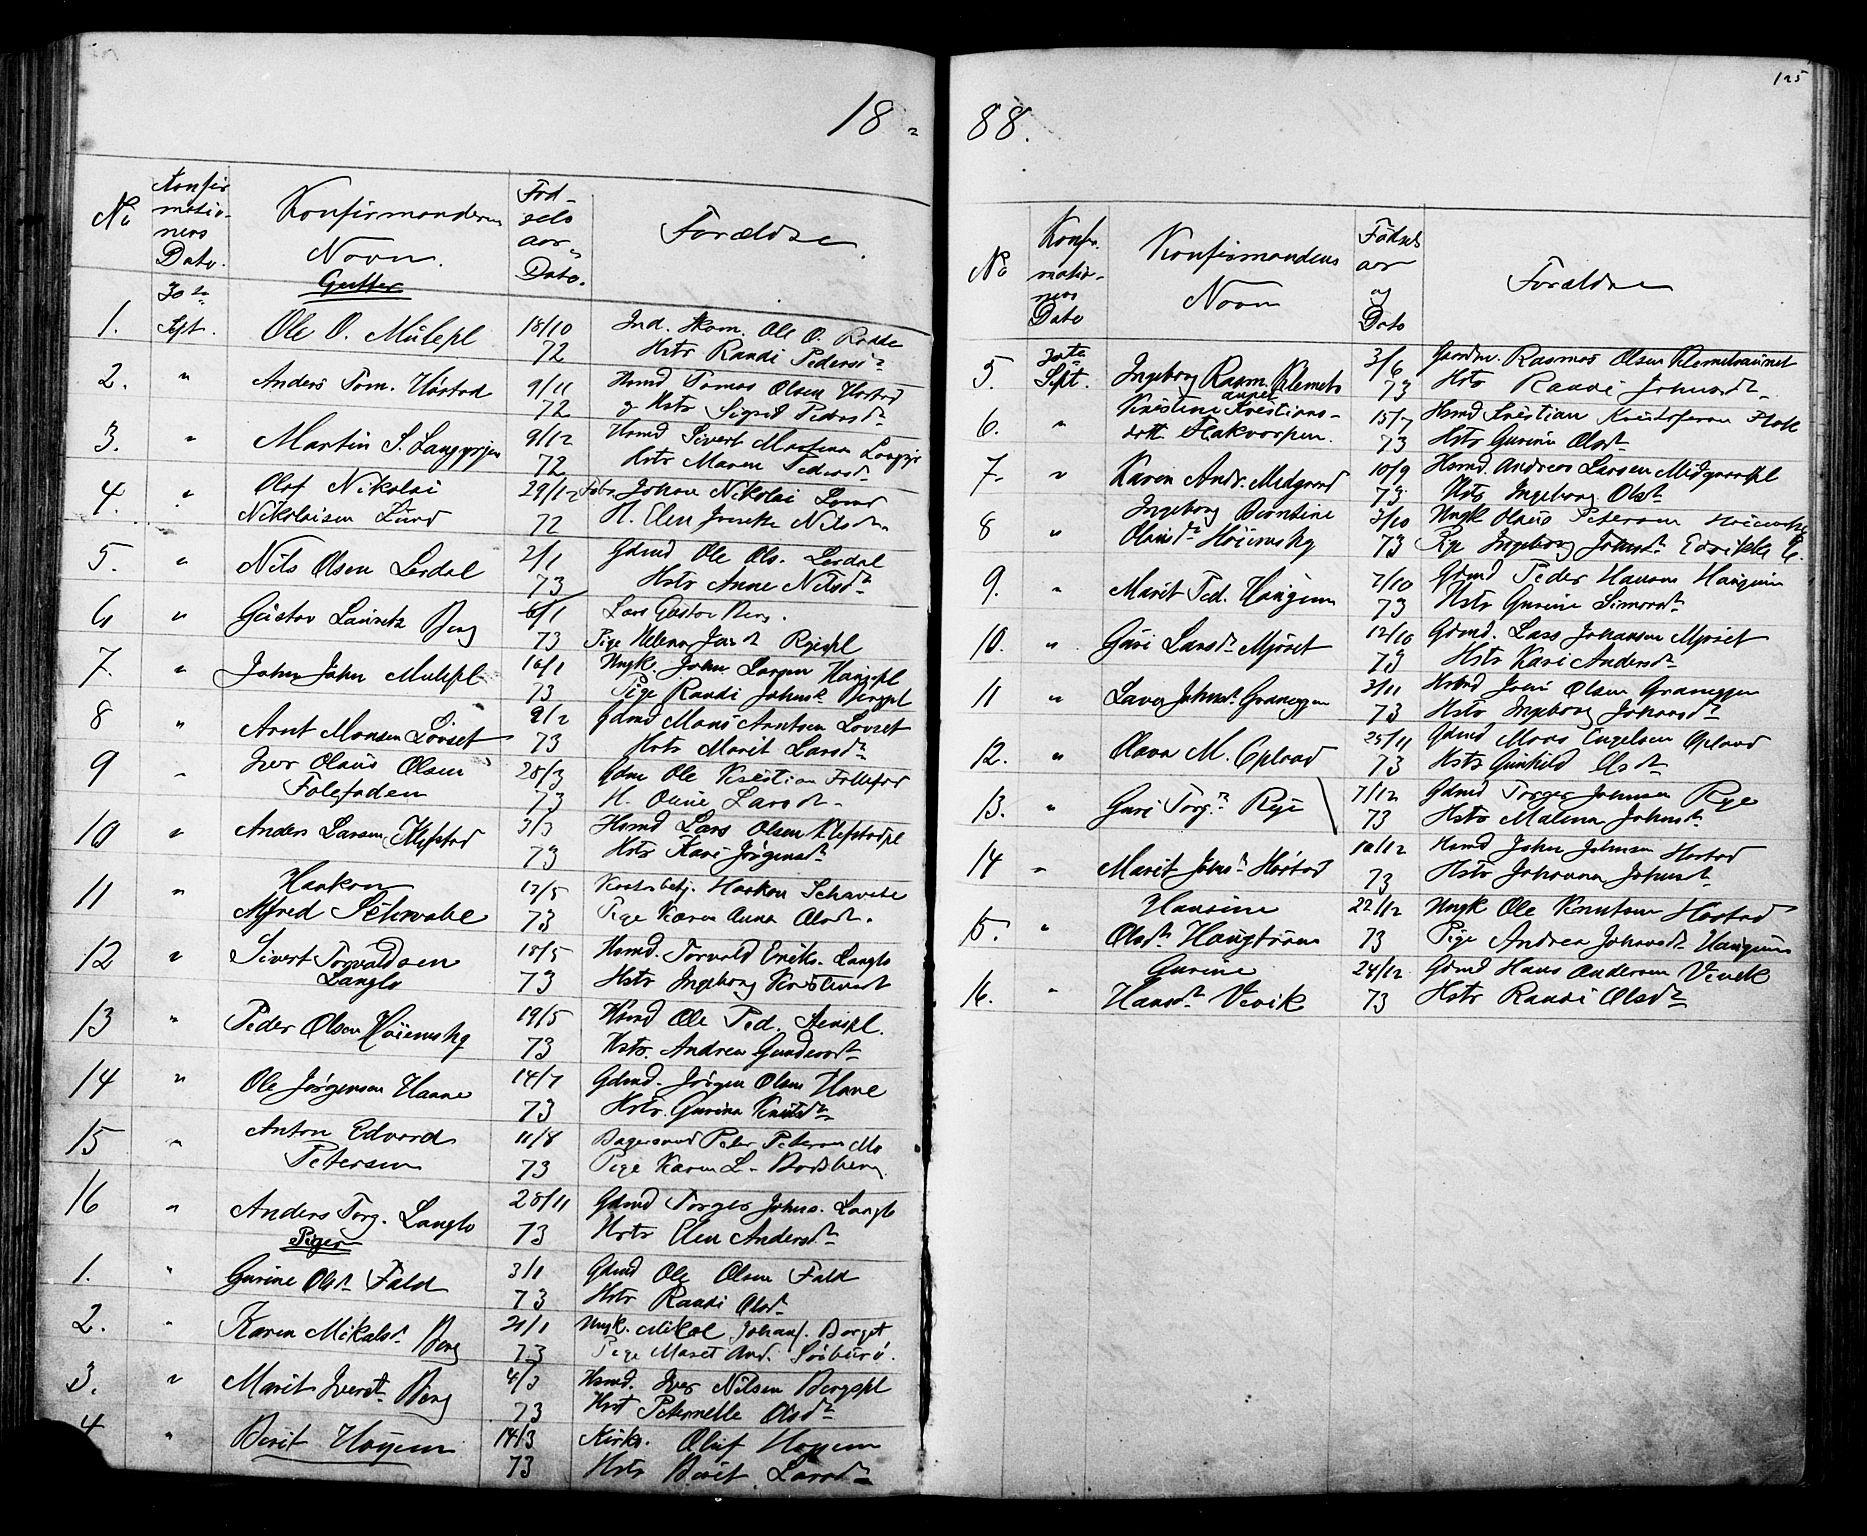 SAT, Ministerialprotokoller, klokkerbøker og fødselsregistre - Sør-Trøndelag, 612/L0387: Klokkerbok nr. 612C03, 1874-1908, s. 125